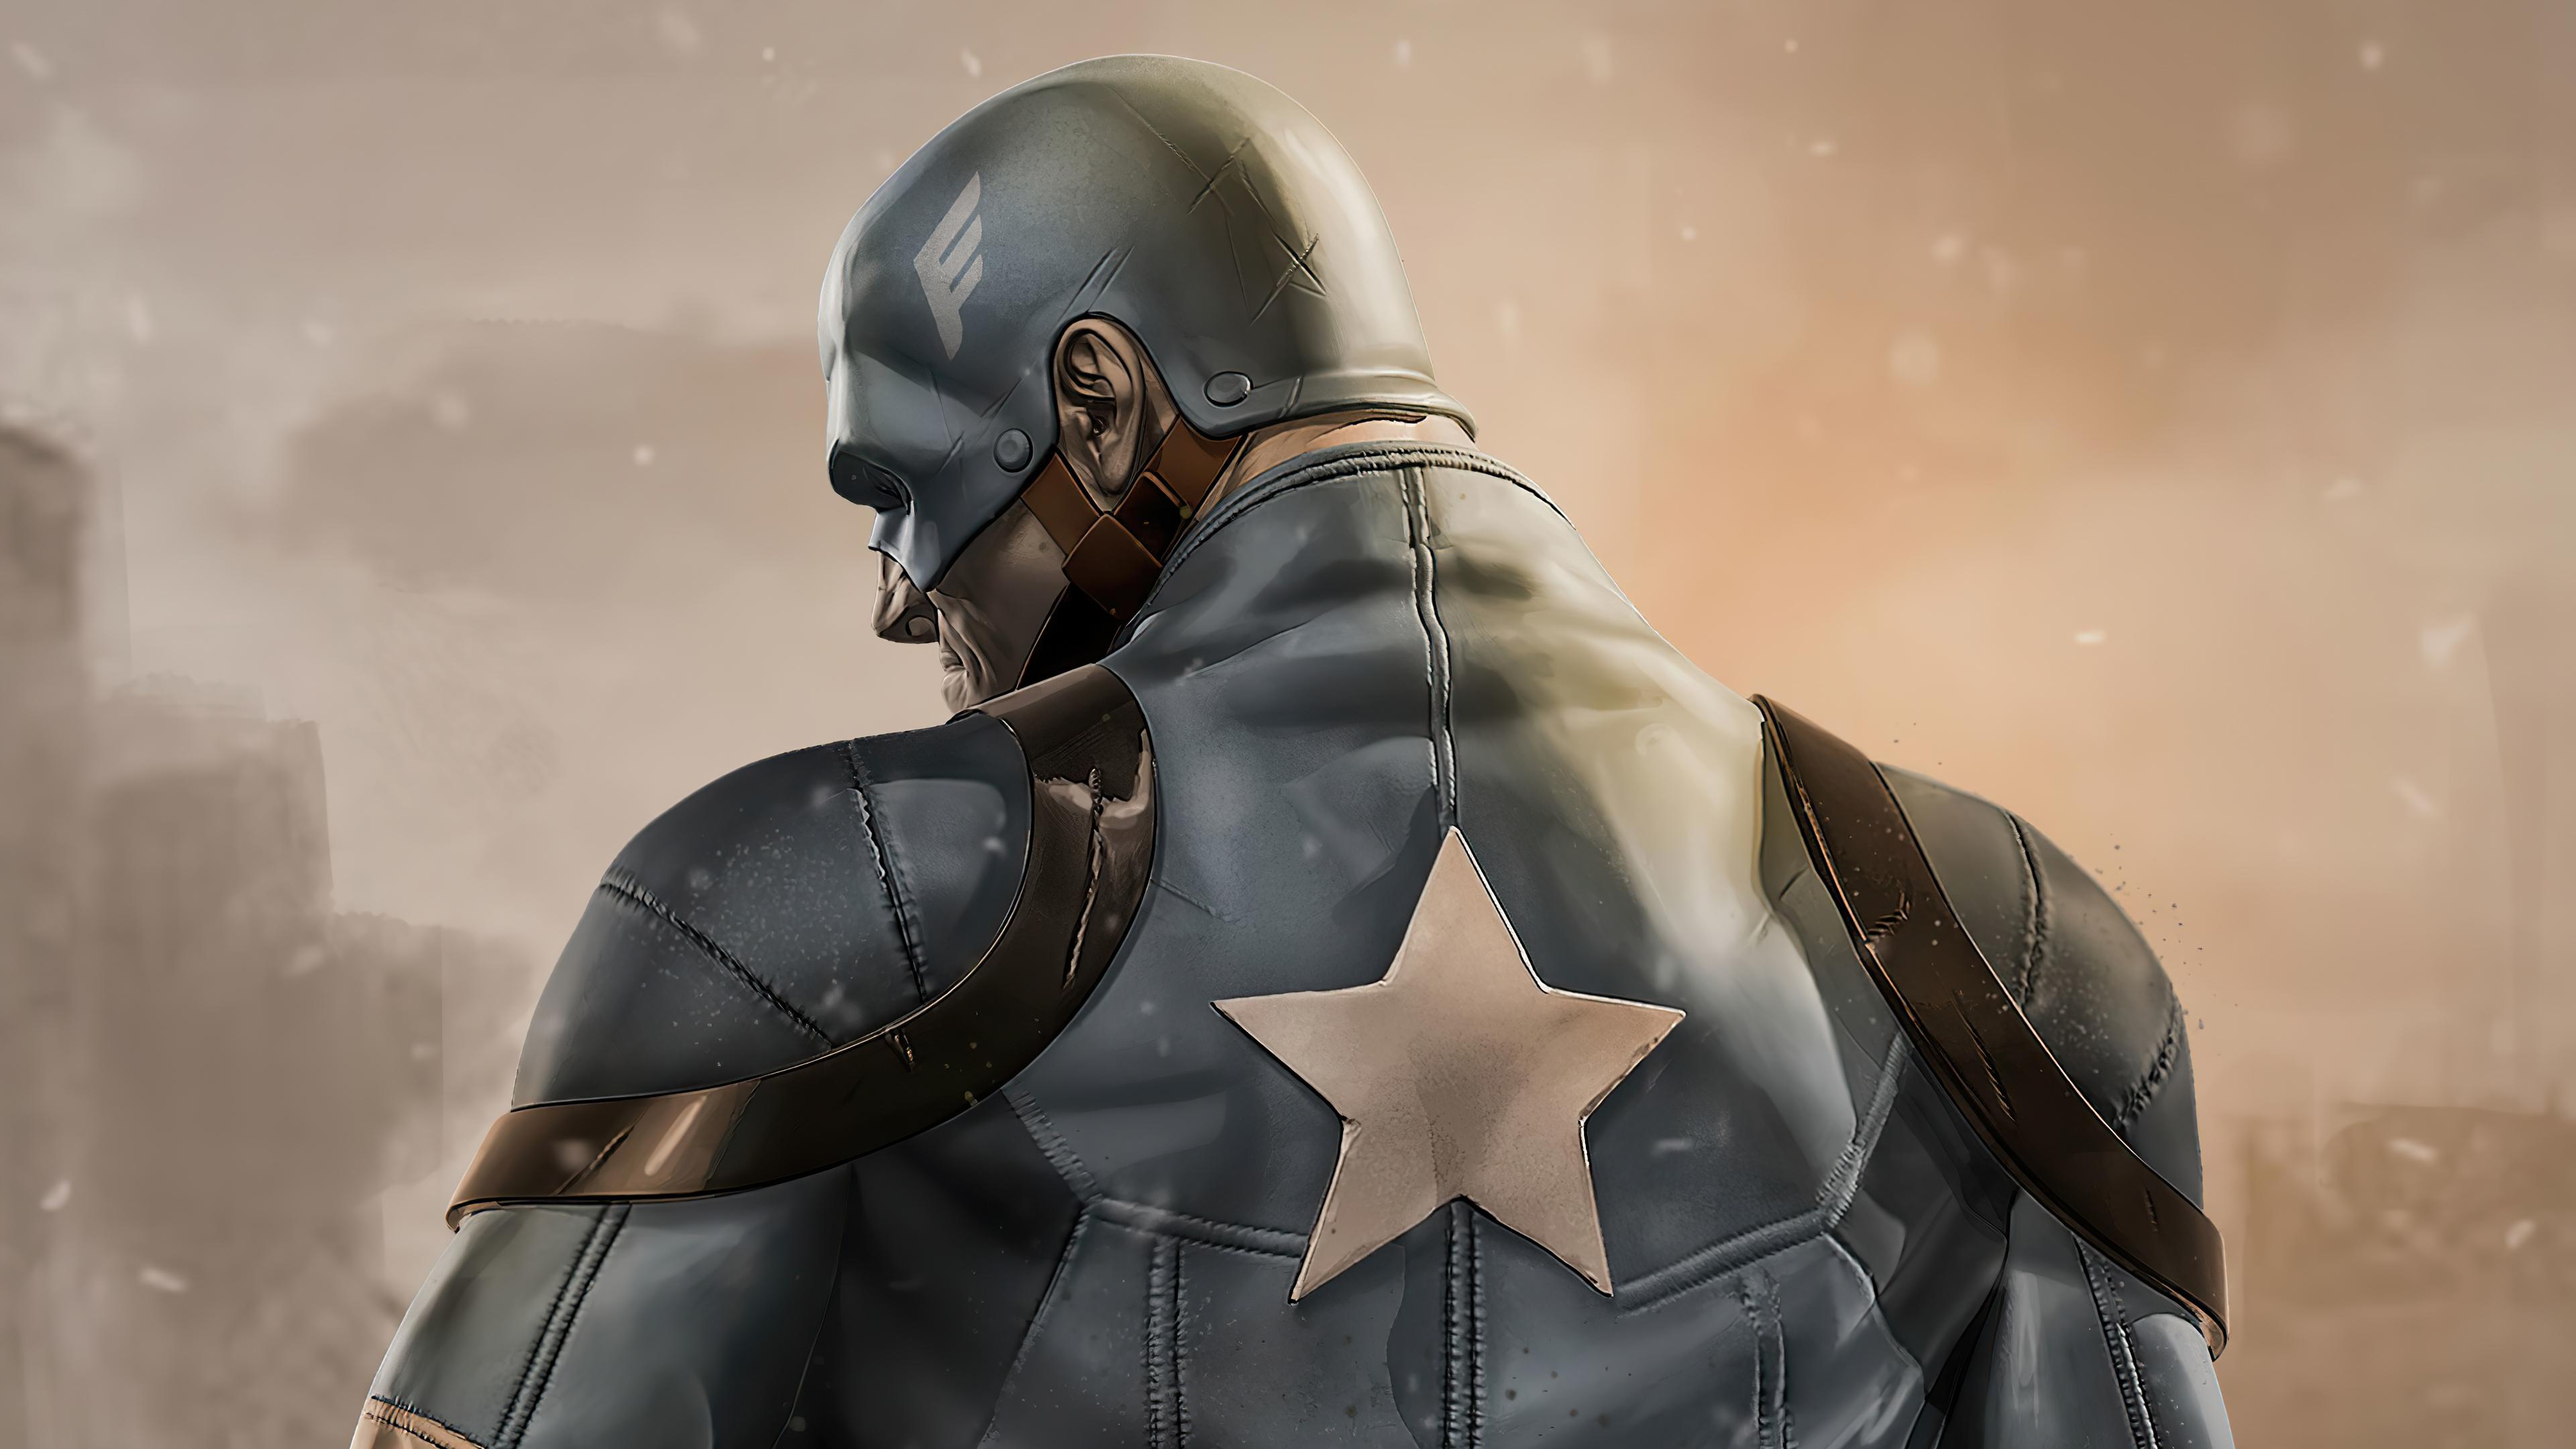 Fondos de pantalla Capitán America en campo de batalla